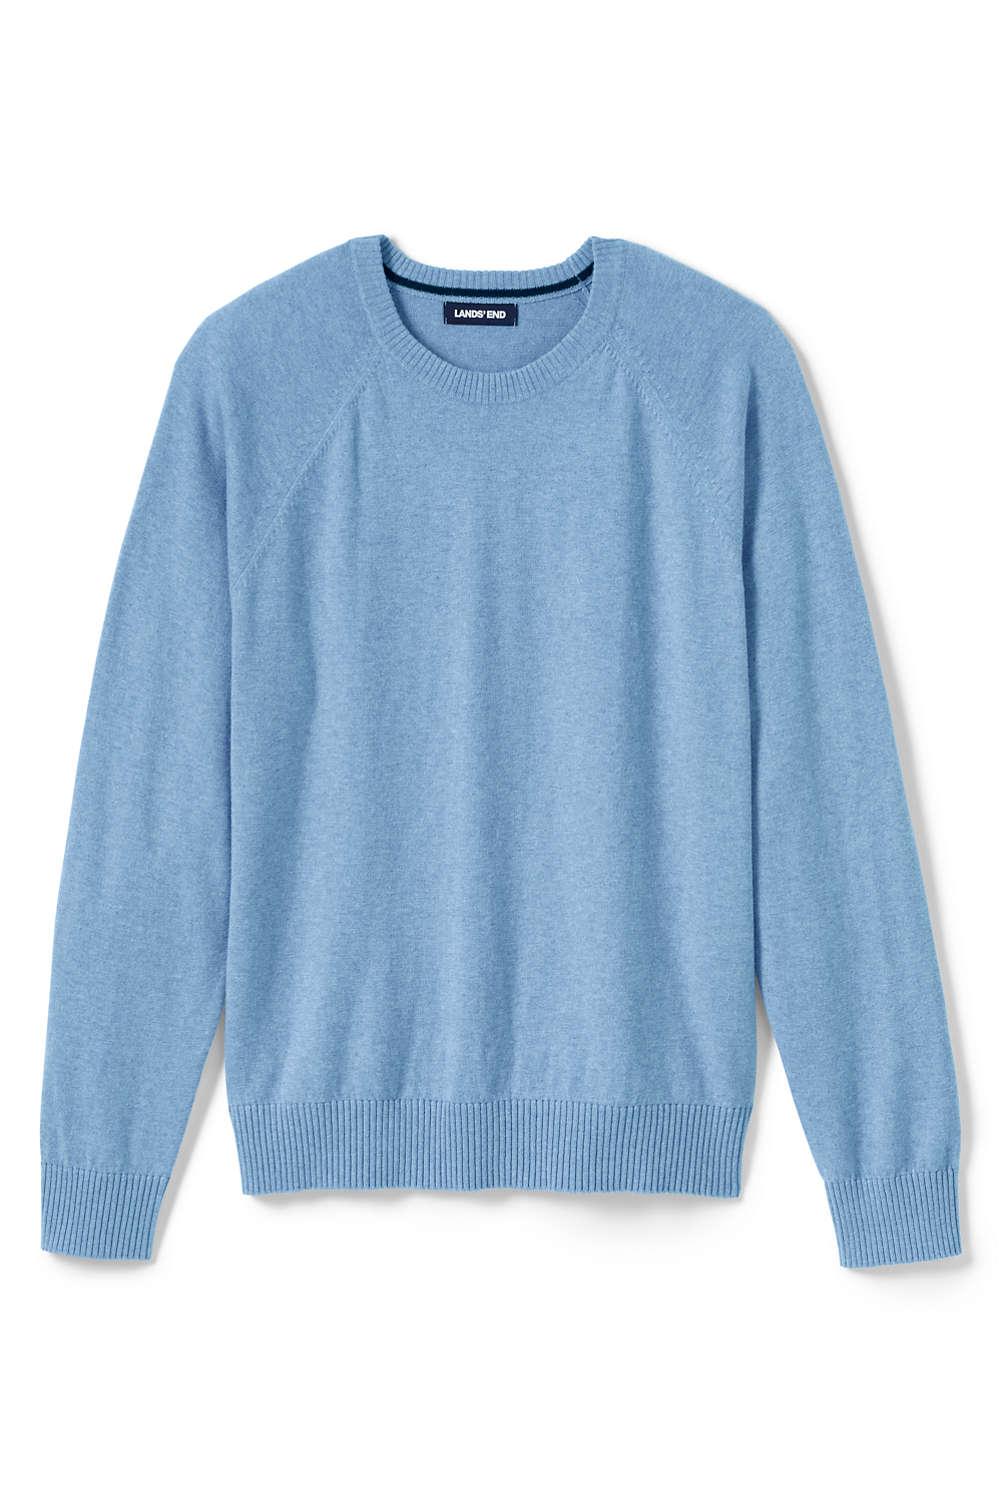 146338498c64 Men s Cotton Cashmere Crewneck Sweater from Lands  End